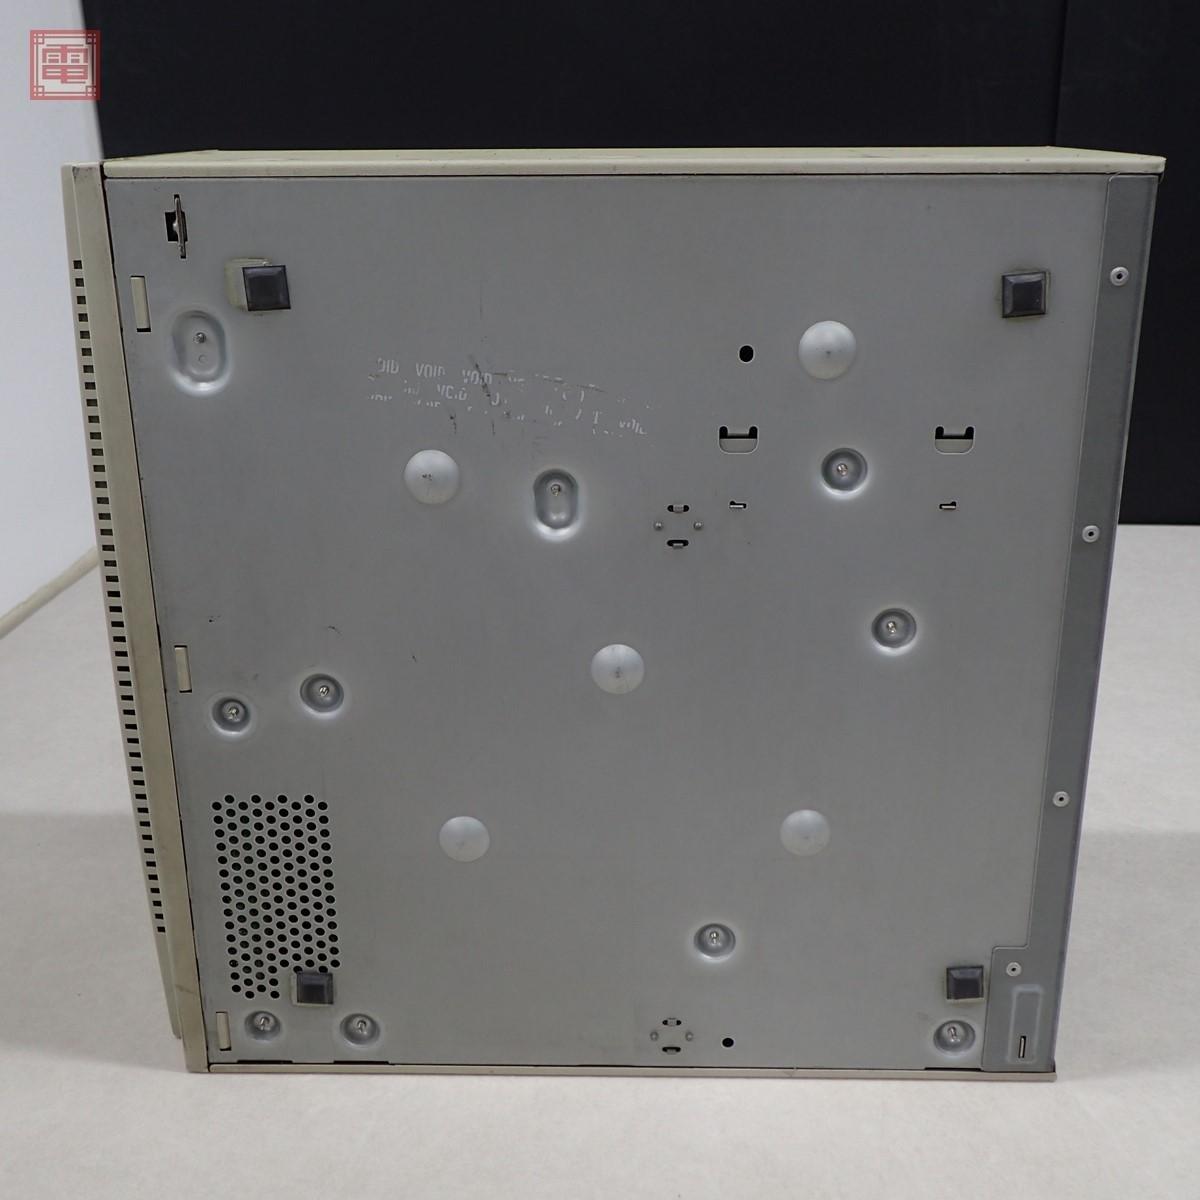 NEC PC-9821Xb10/8P 本体 日本電気 パーツ取りにどうぞ【40_画像5